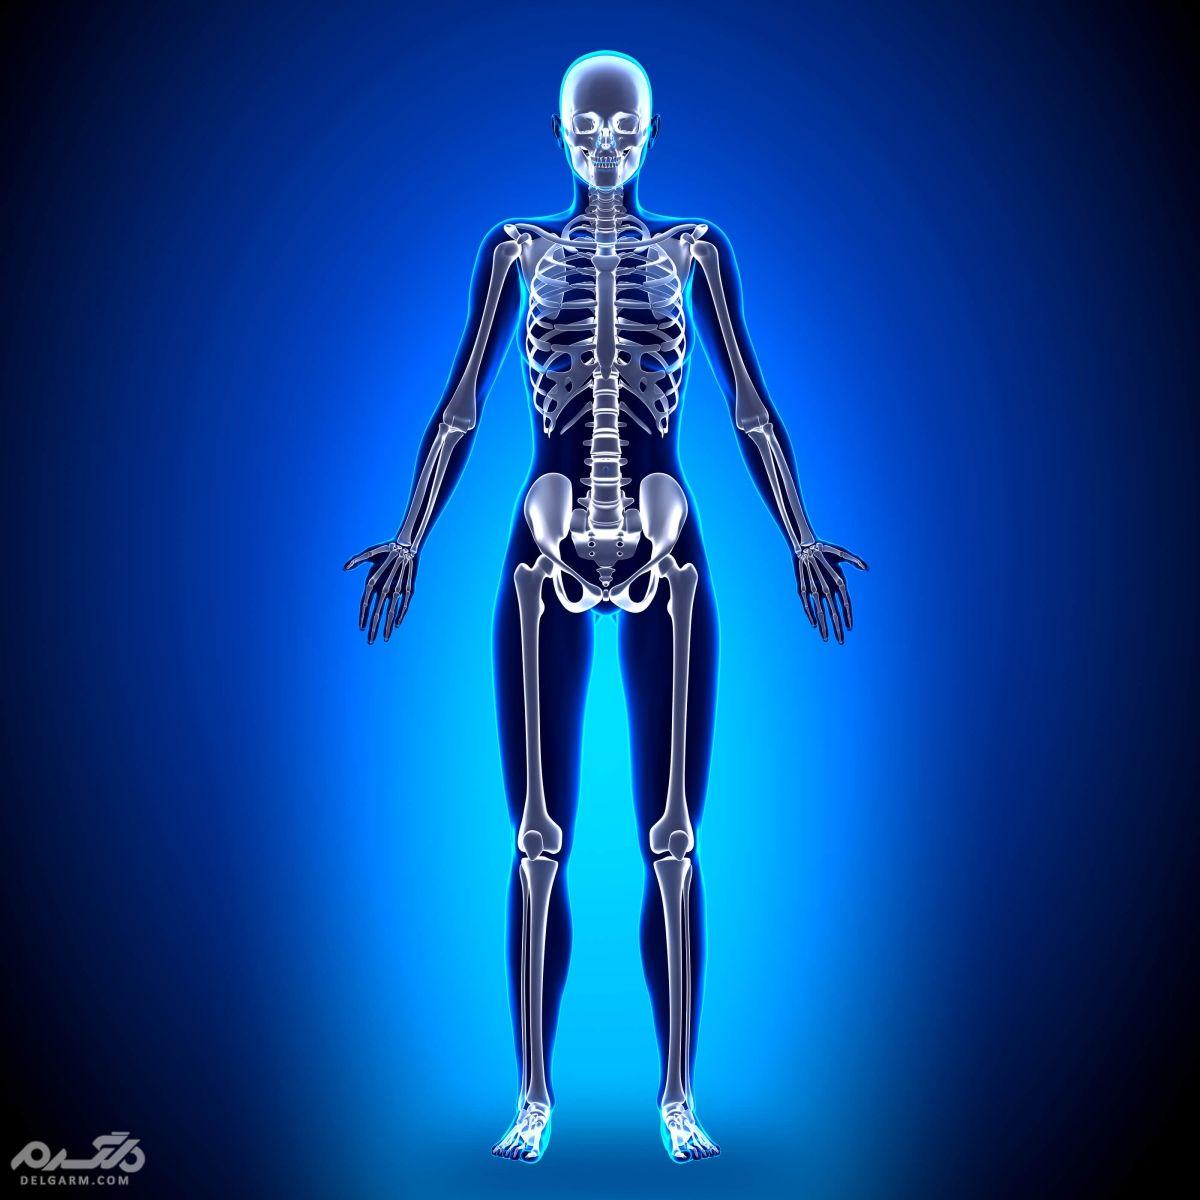 تغذیه مناسب برای تقویت استخوان های بدن